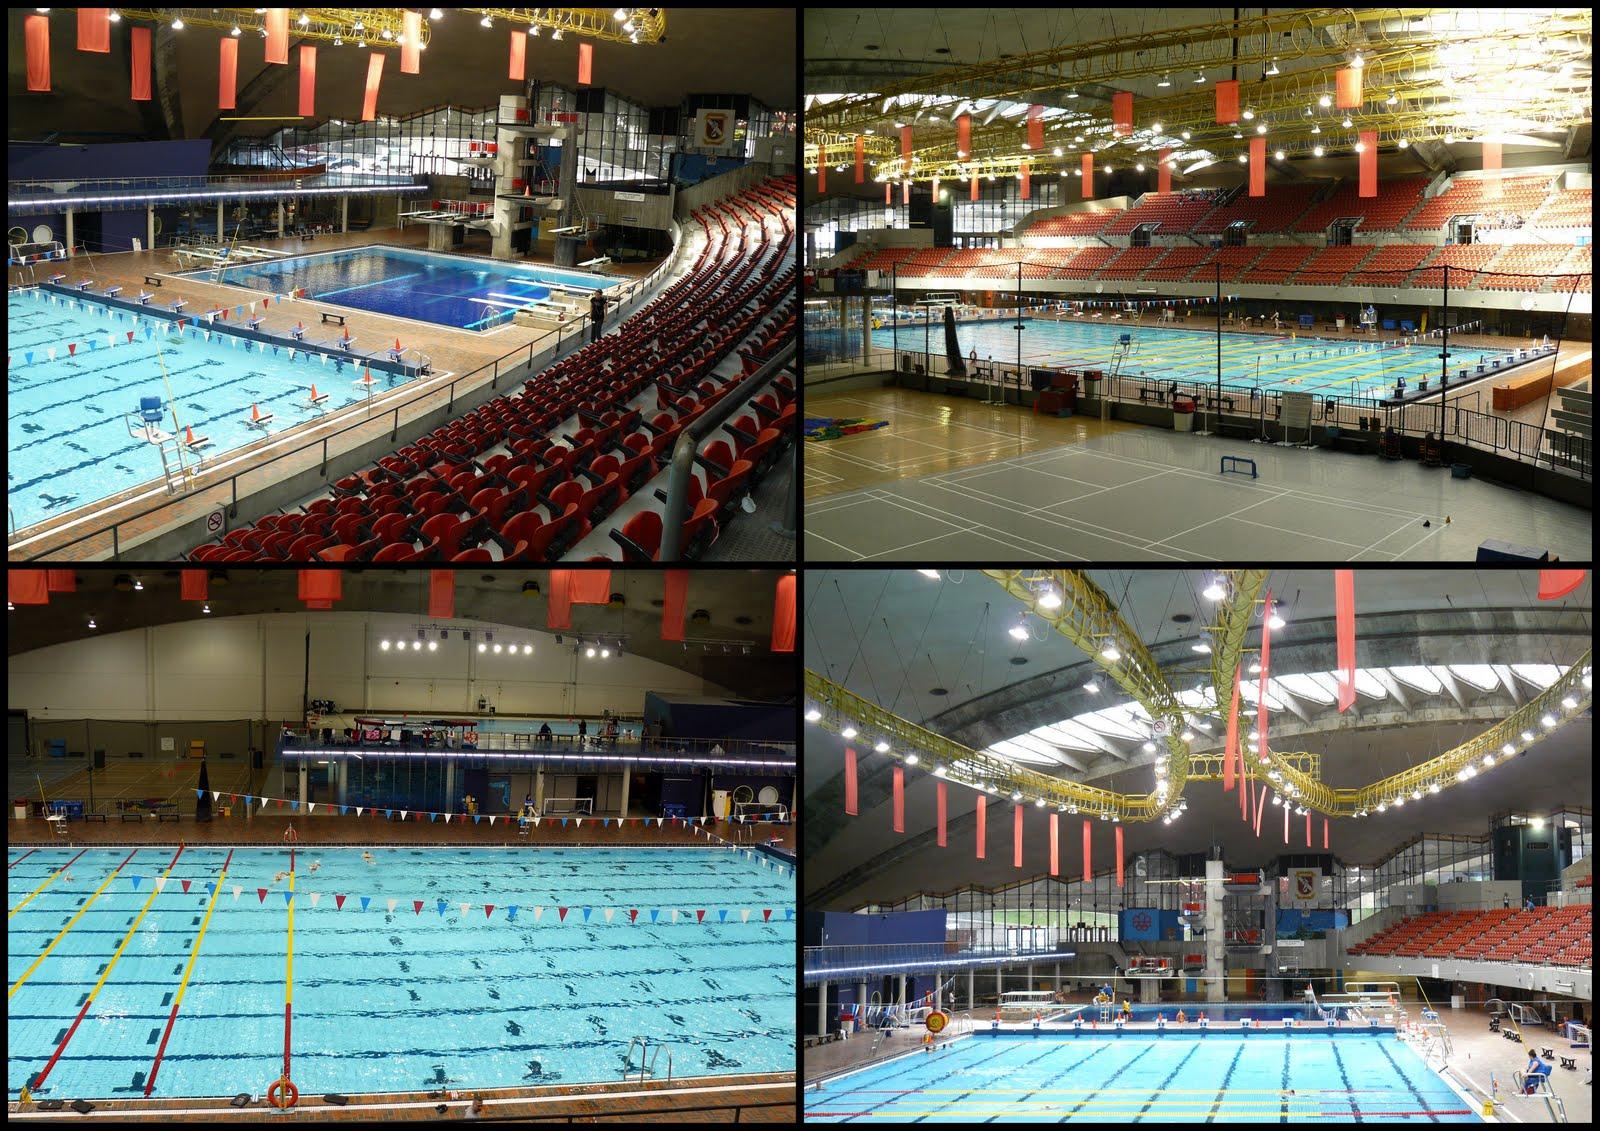 Joyeux travel a montreal stade et centre sportif parc - Piscine du stade olympique ...